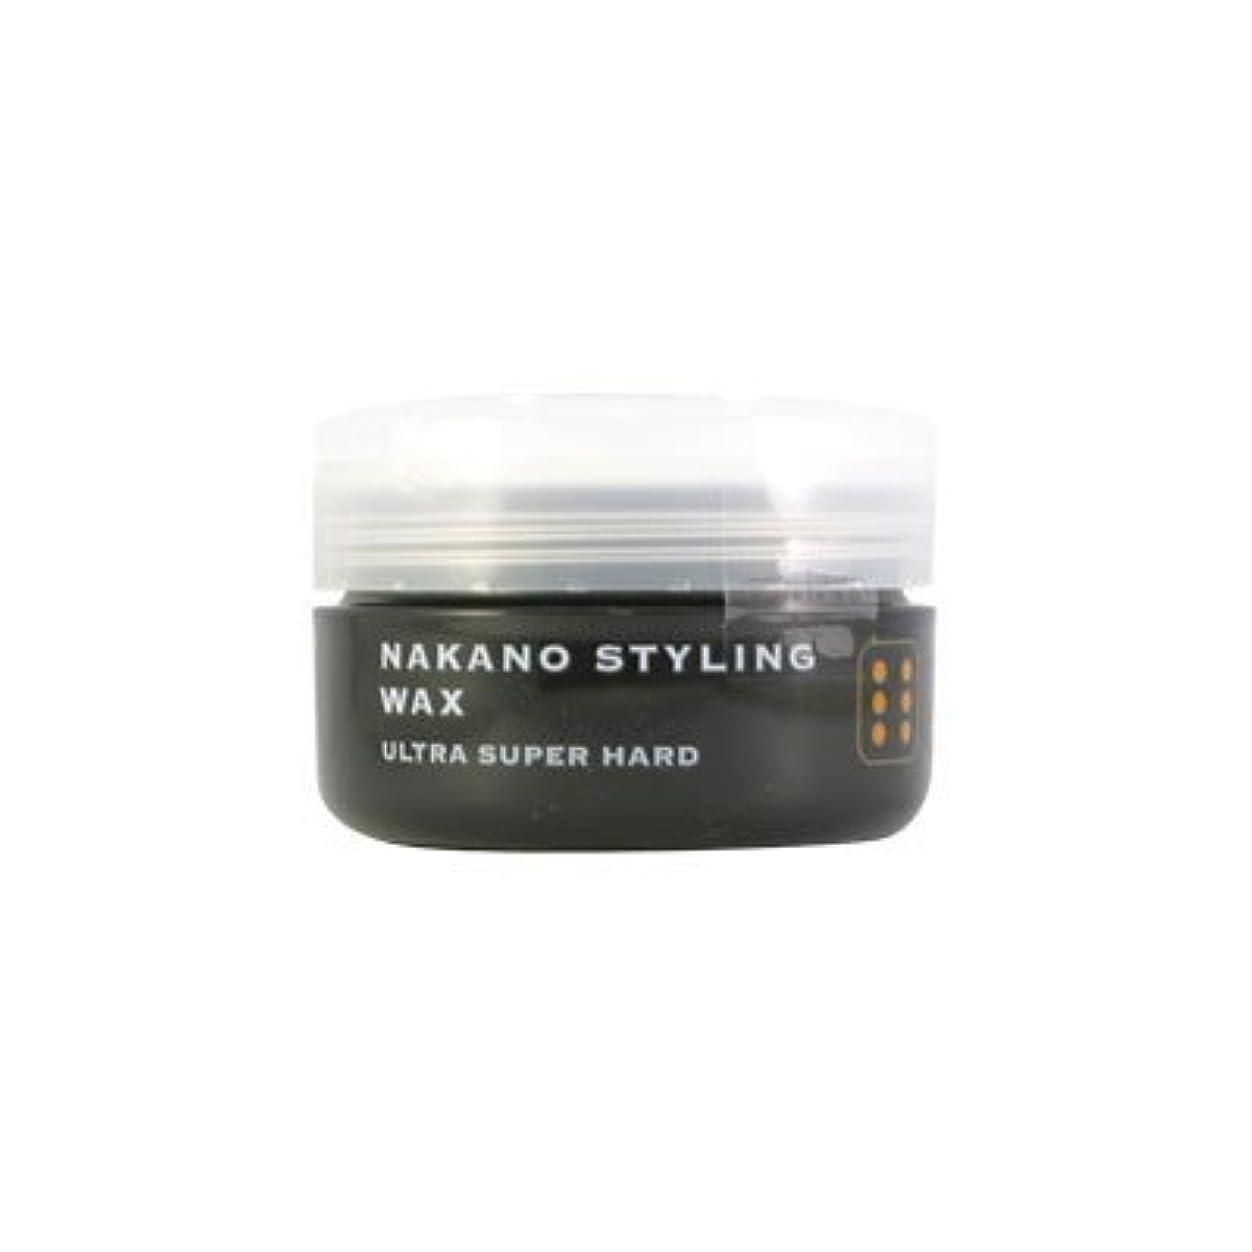 バイオレットホップ下品ナカノ スタイリングワックス 6 ウルトラスーパーハード 90g 中野製薬 NAKANO [並行輸入品]